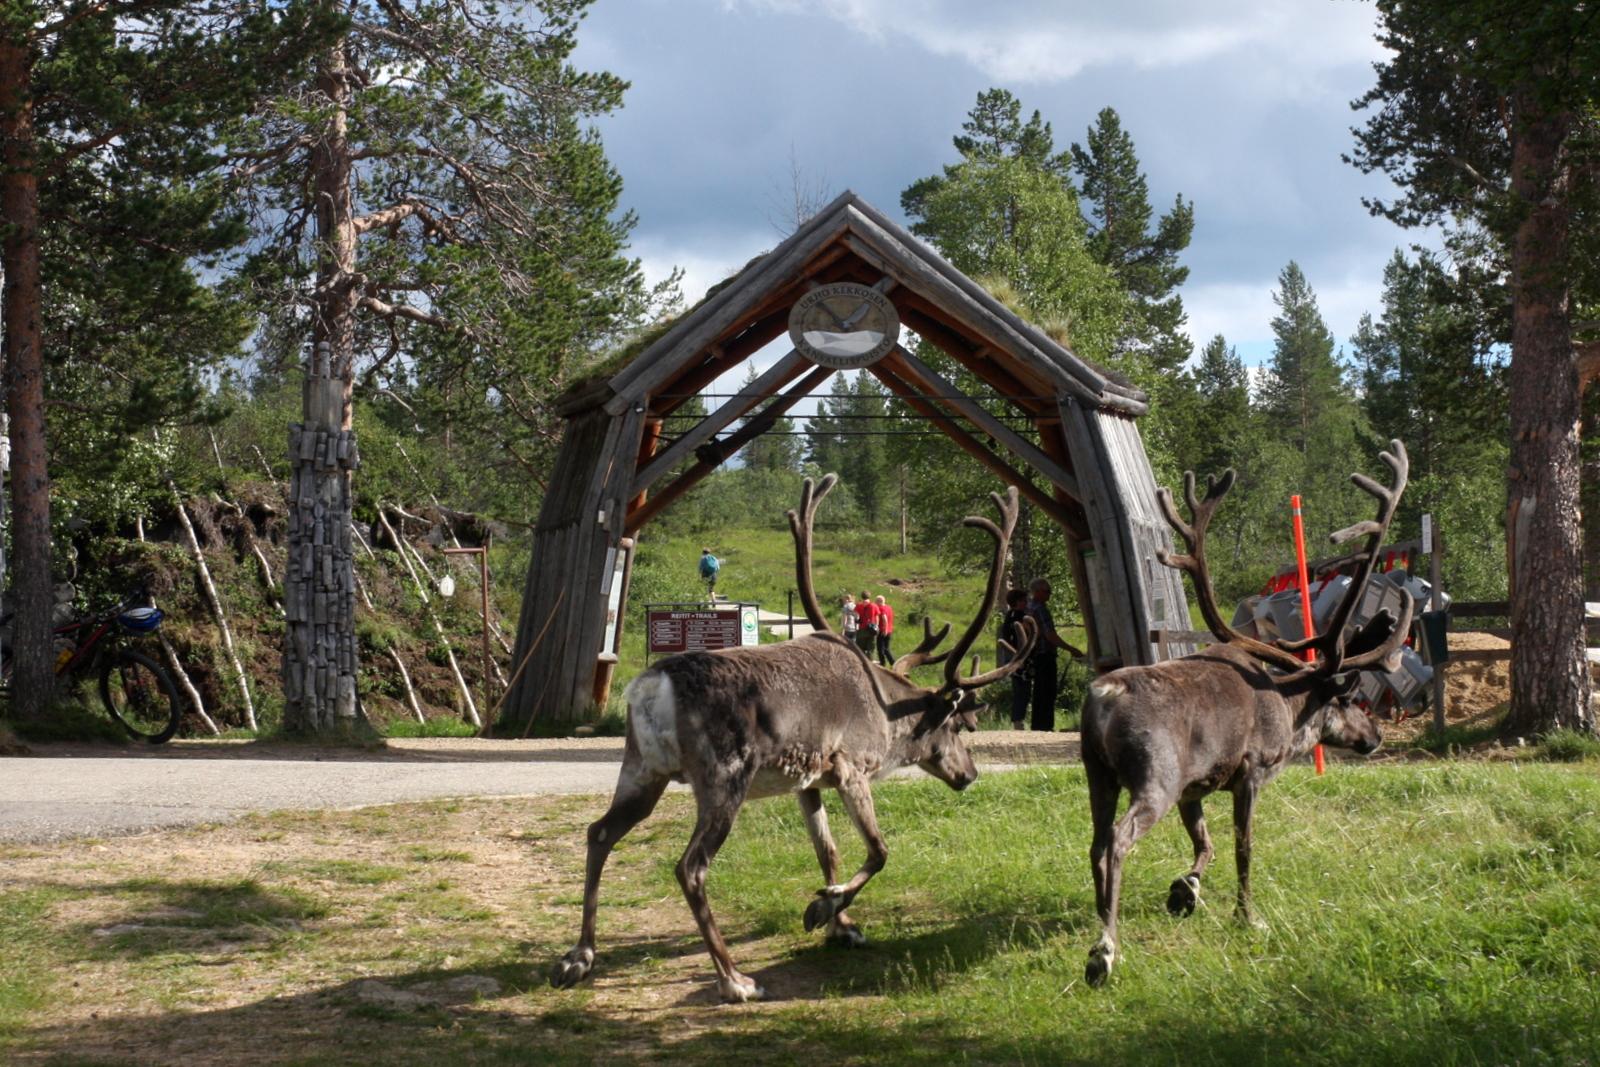 Kiilopää, Saariselkä. Porotkin jolkuttelivat kohti kansallispuiston porttia, vaellusten alkupistettä.